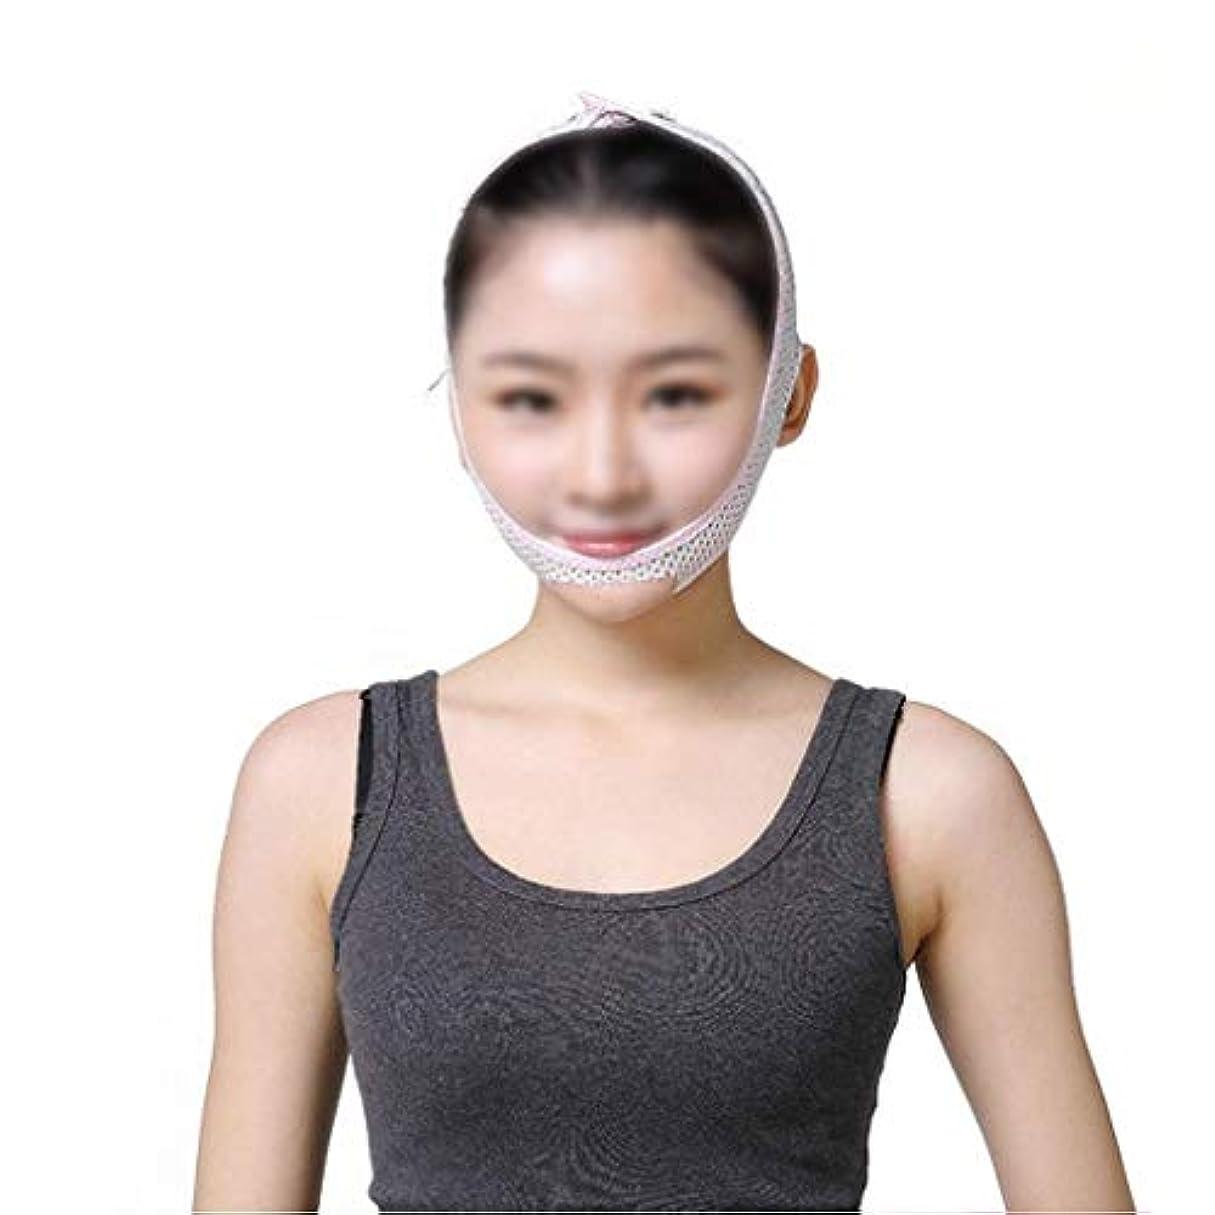 太鼓腹バンド鉄フェイスリフティングマスク、快適で リフティングスキンファーミングスリープシンフェイスアーティファクトアンチリンクル/リムーブダブルチン/術後回復マスク(サイズ:M)